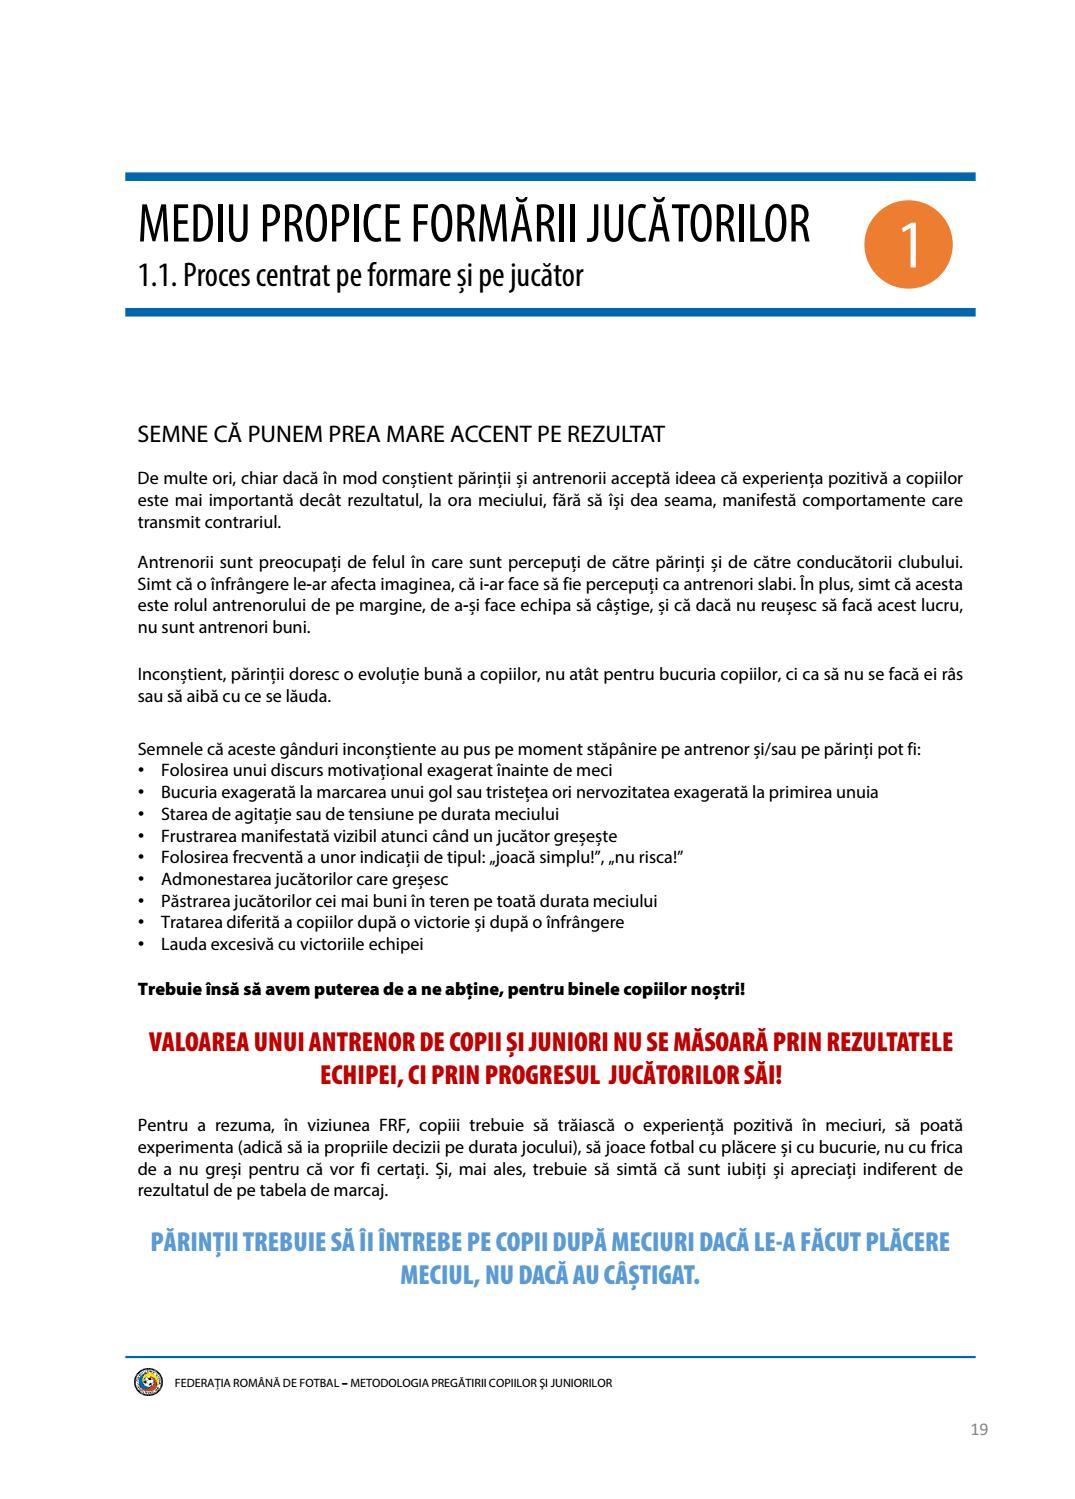 Metodologia privind recoltarea plasmei de la pacienții vindecați de COVID, finalizată | EurActiv